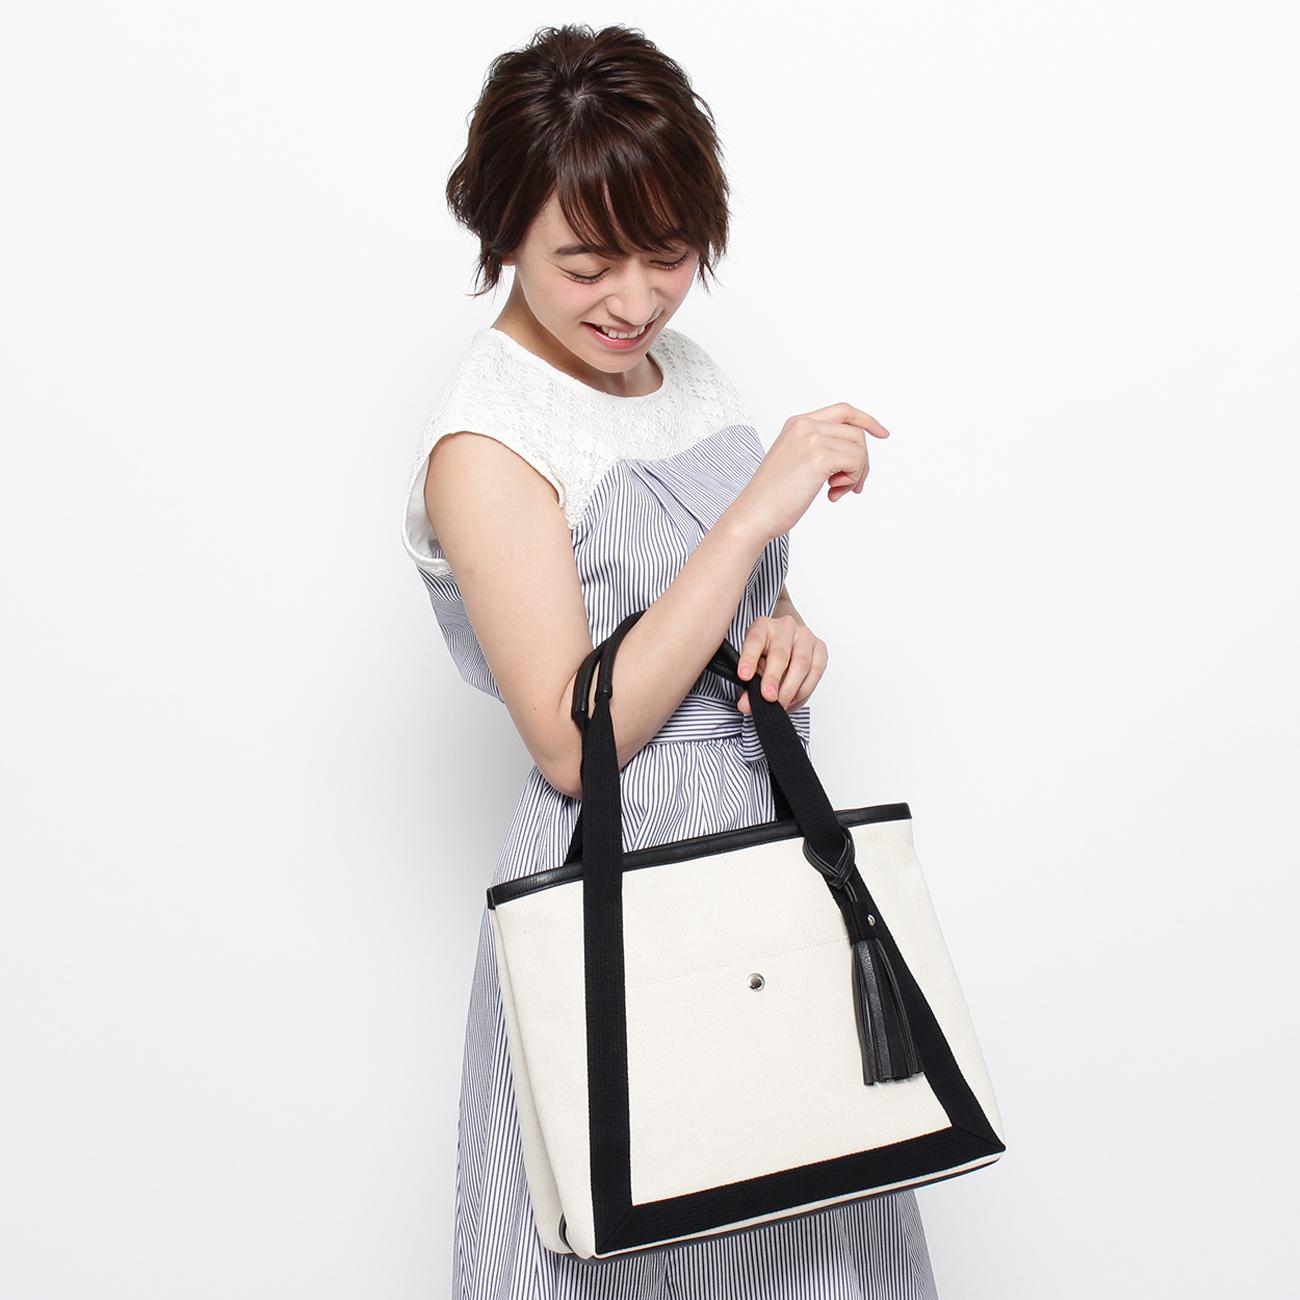 【THE EMPORIUM (ジエンポリアム)】キャンバス×合皮 タッセルトートレディース バッグ|トートバッグ ホワイト